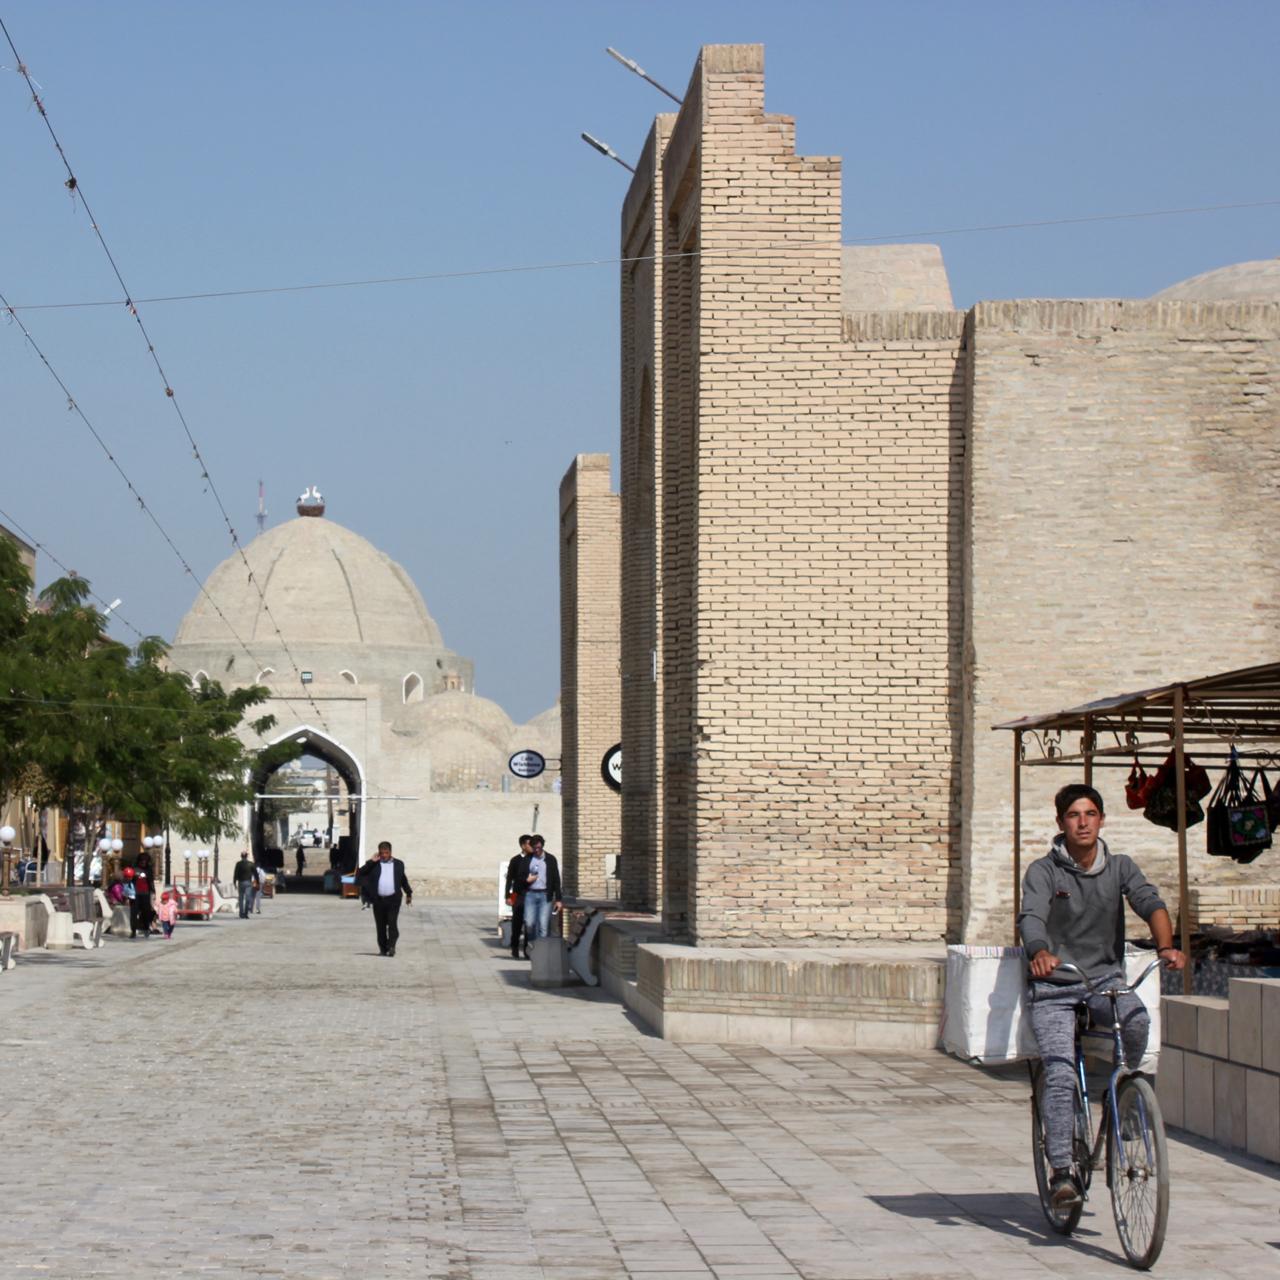 bukhara, uzbekistan - 20